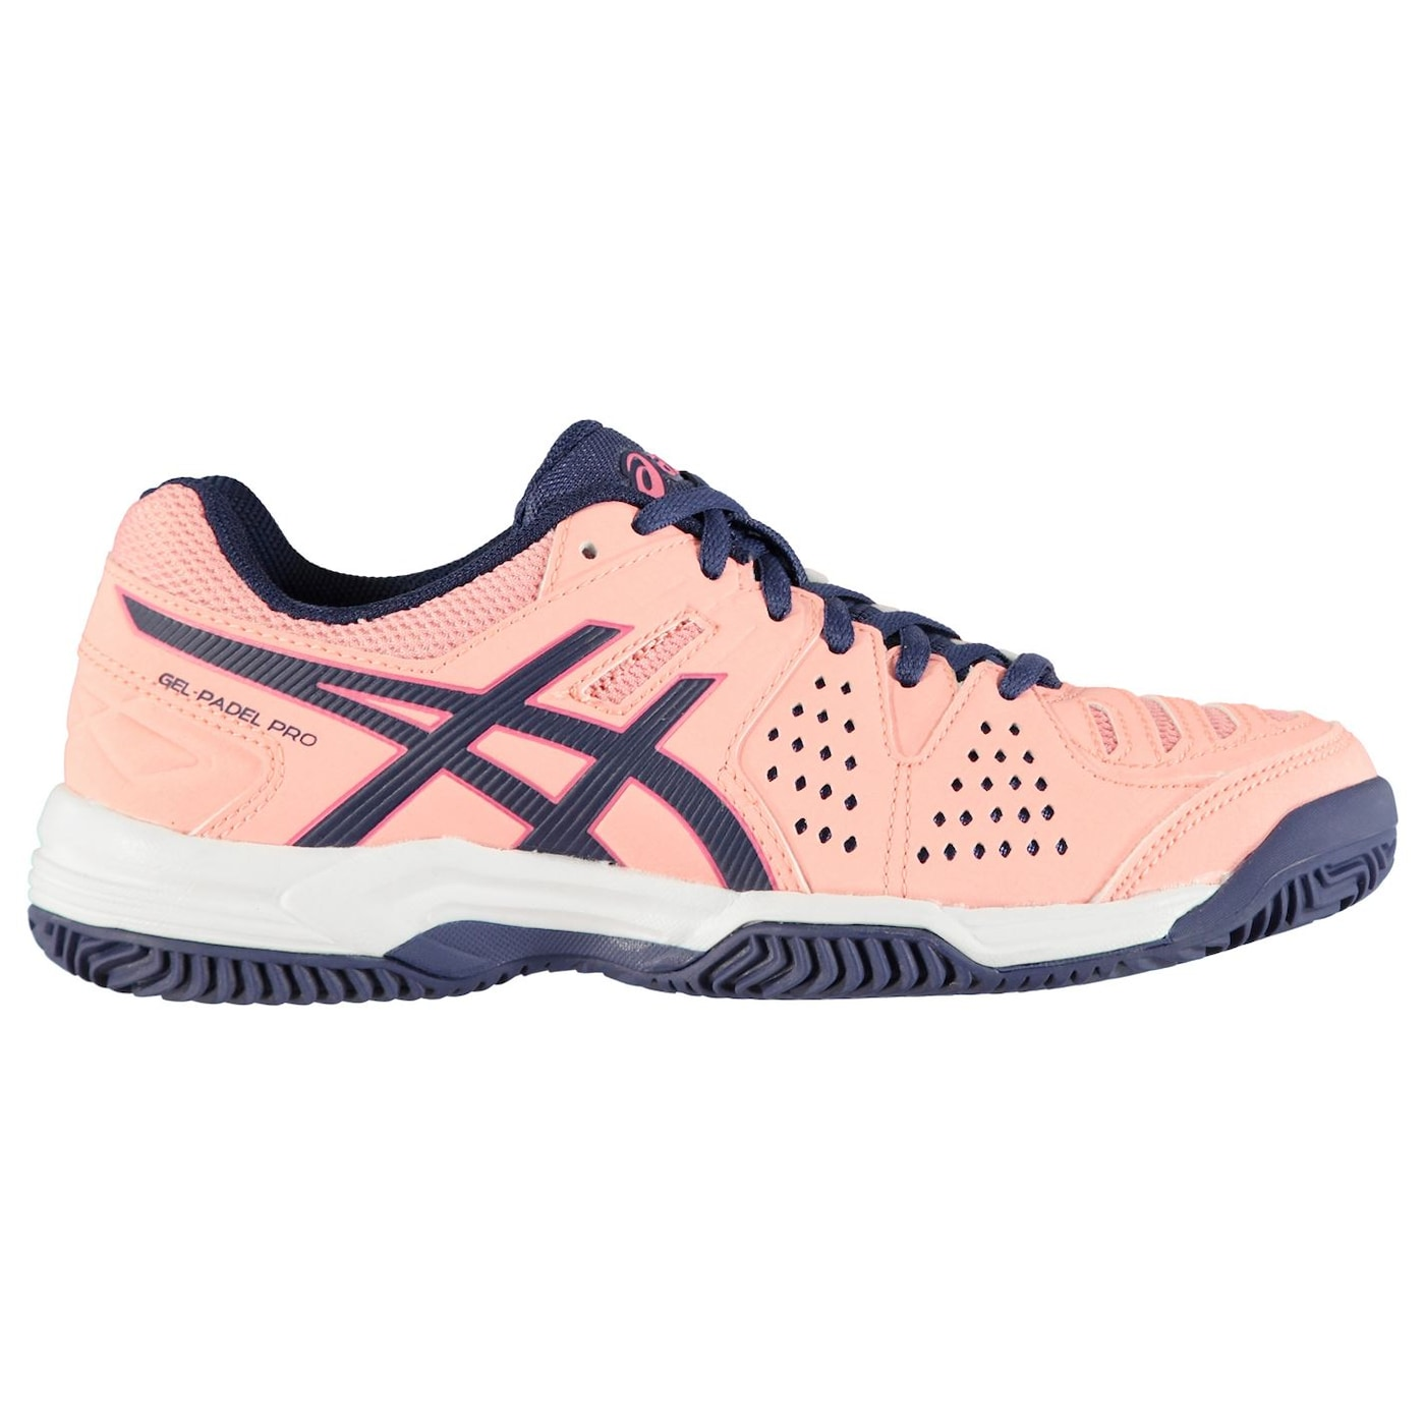 Asics Gel Padel Pro 3 SG Ladies Tennis Shoes